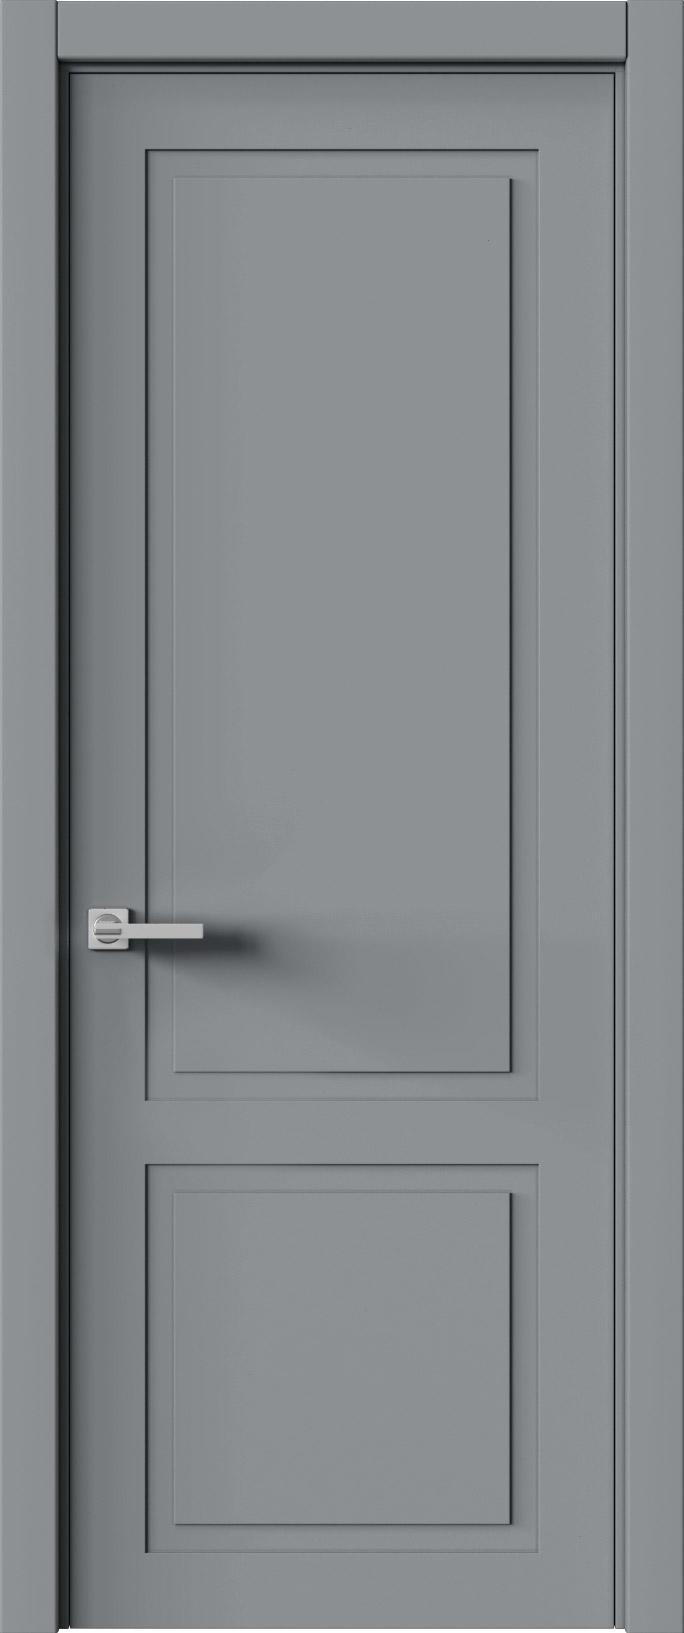 Tivoli И-5 цвет - Серебристо-серая эмаль (RAL 7045) Без стекла (ДГ)